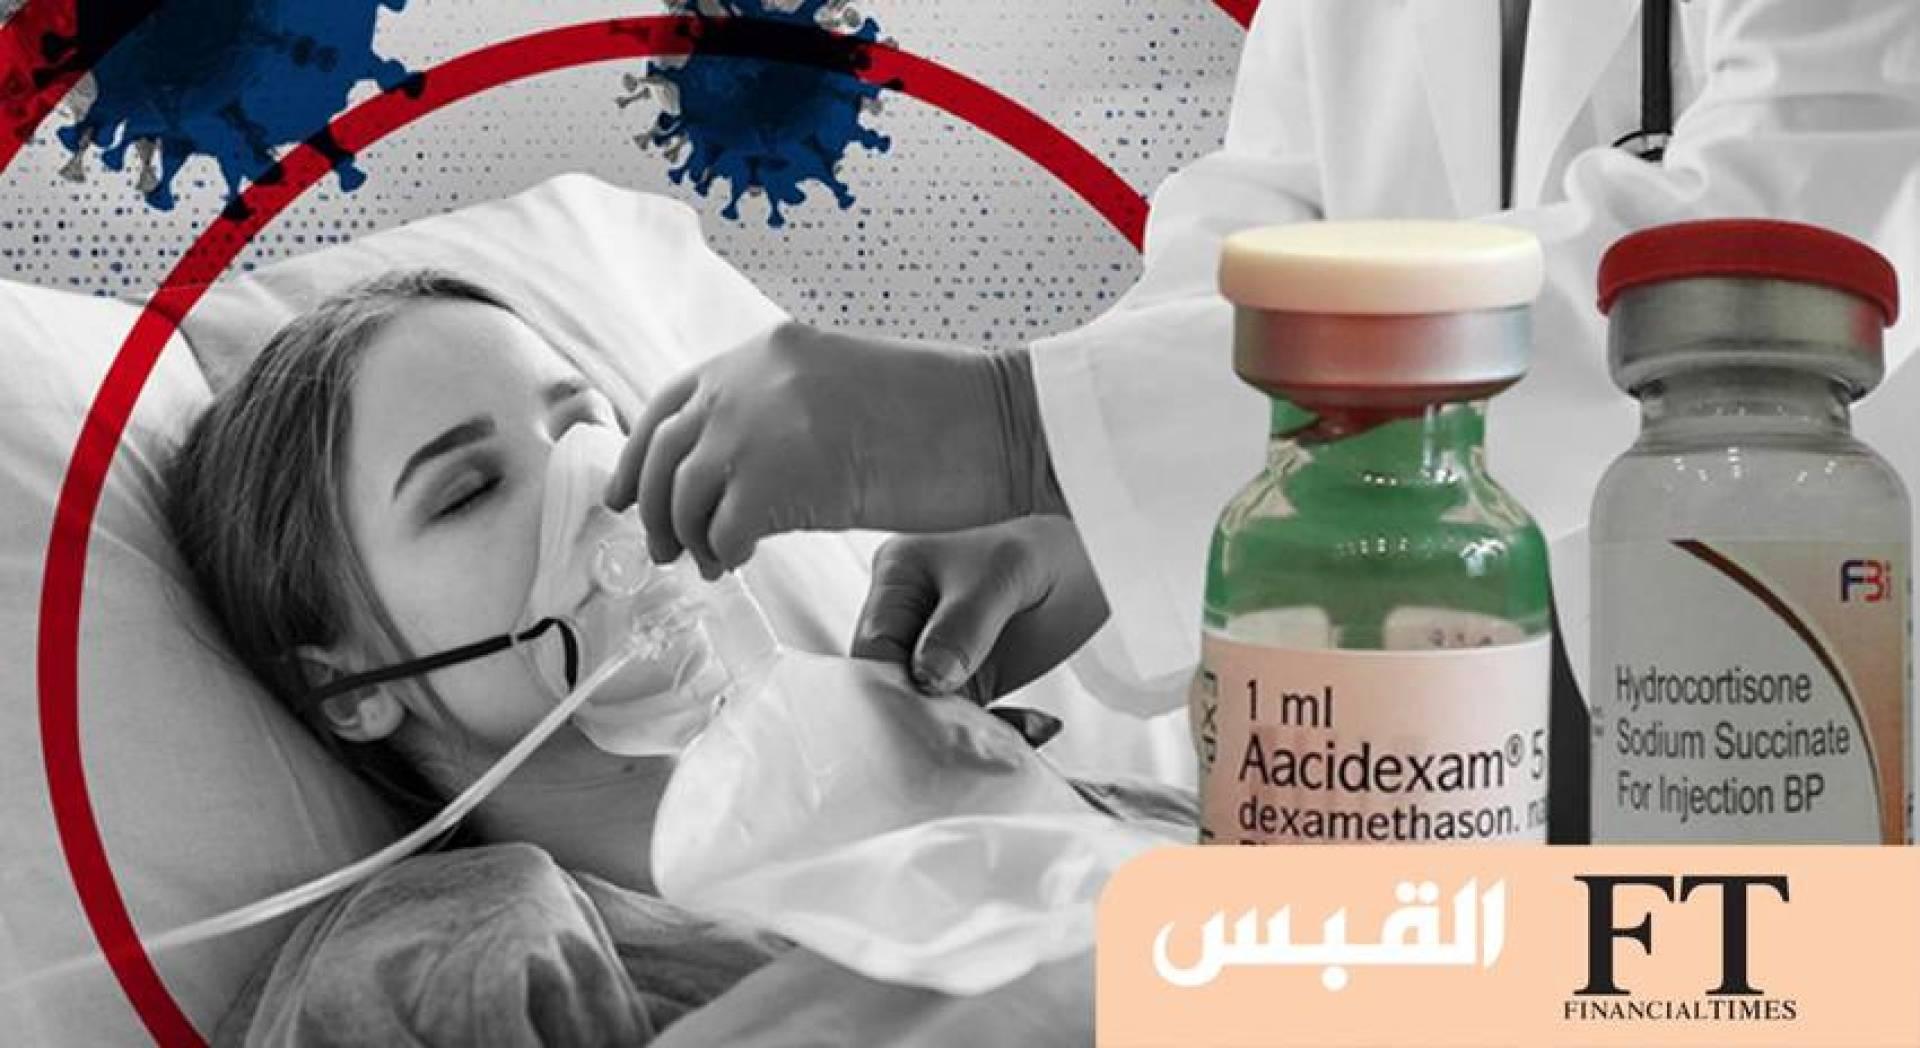 «الصحة العالمية» توصي باستخدام دوائين لعلاج الحالات الشديدة لمرضى كورونا